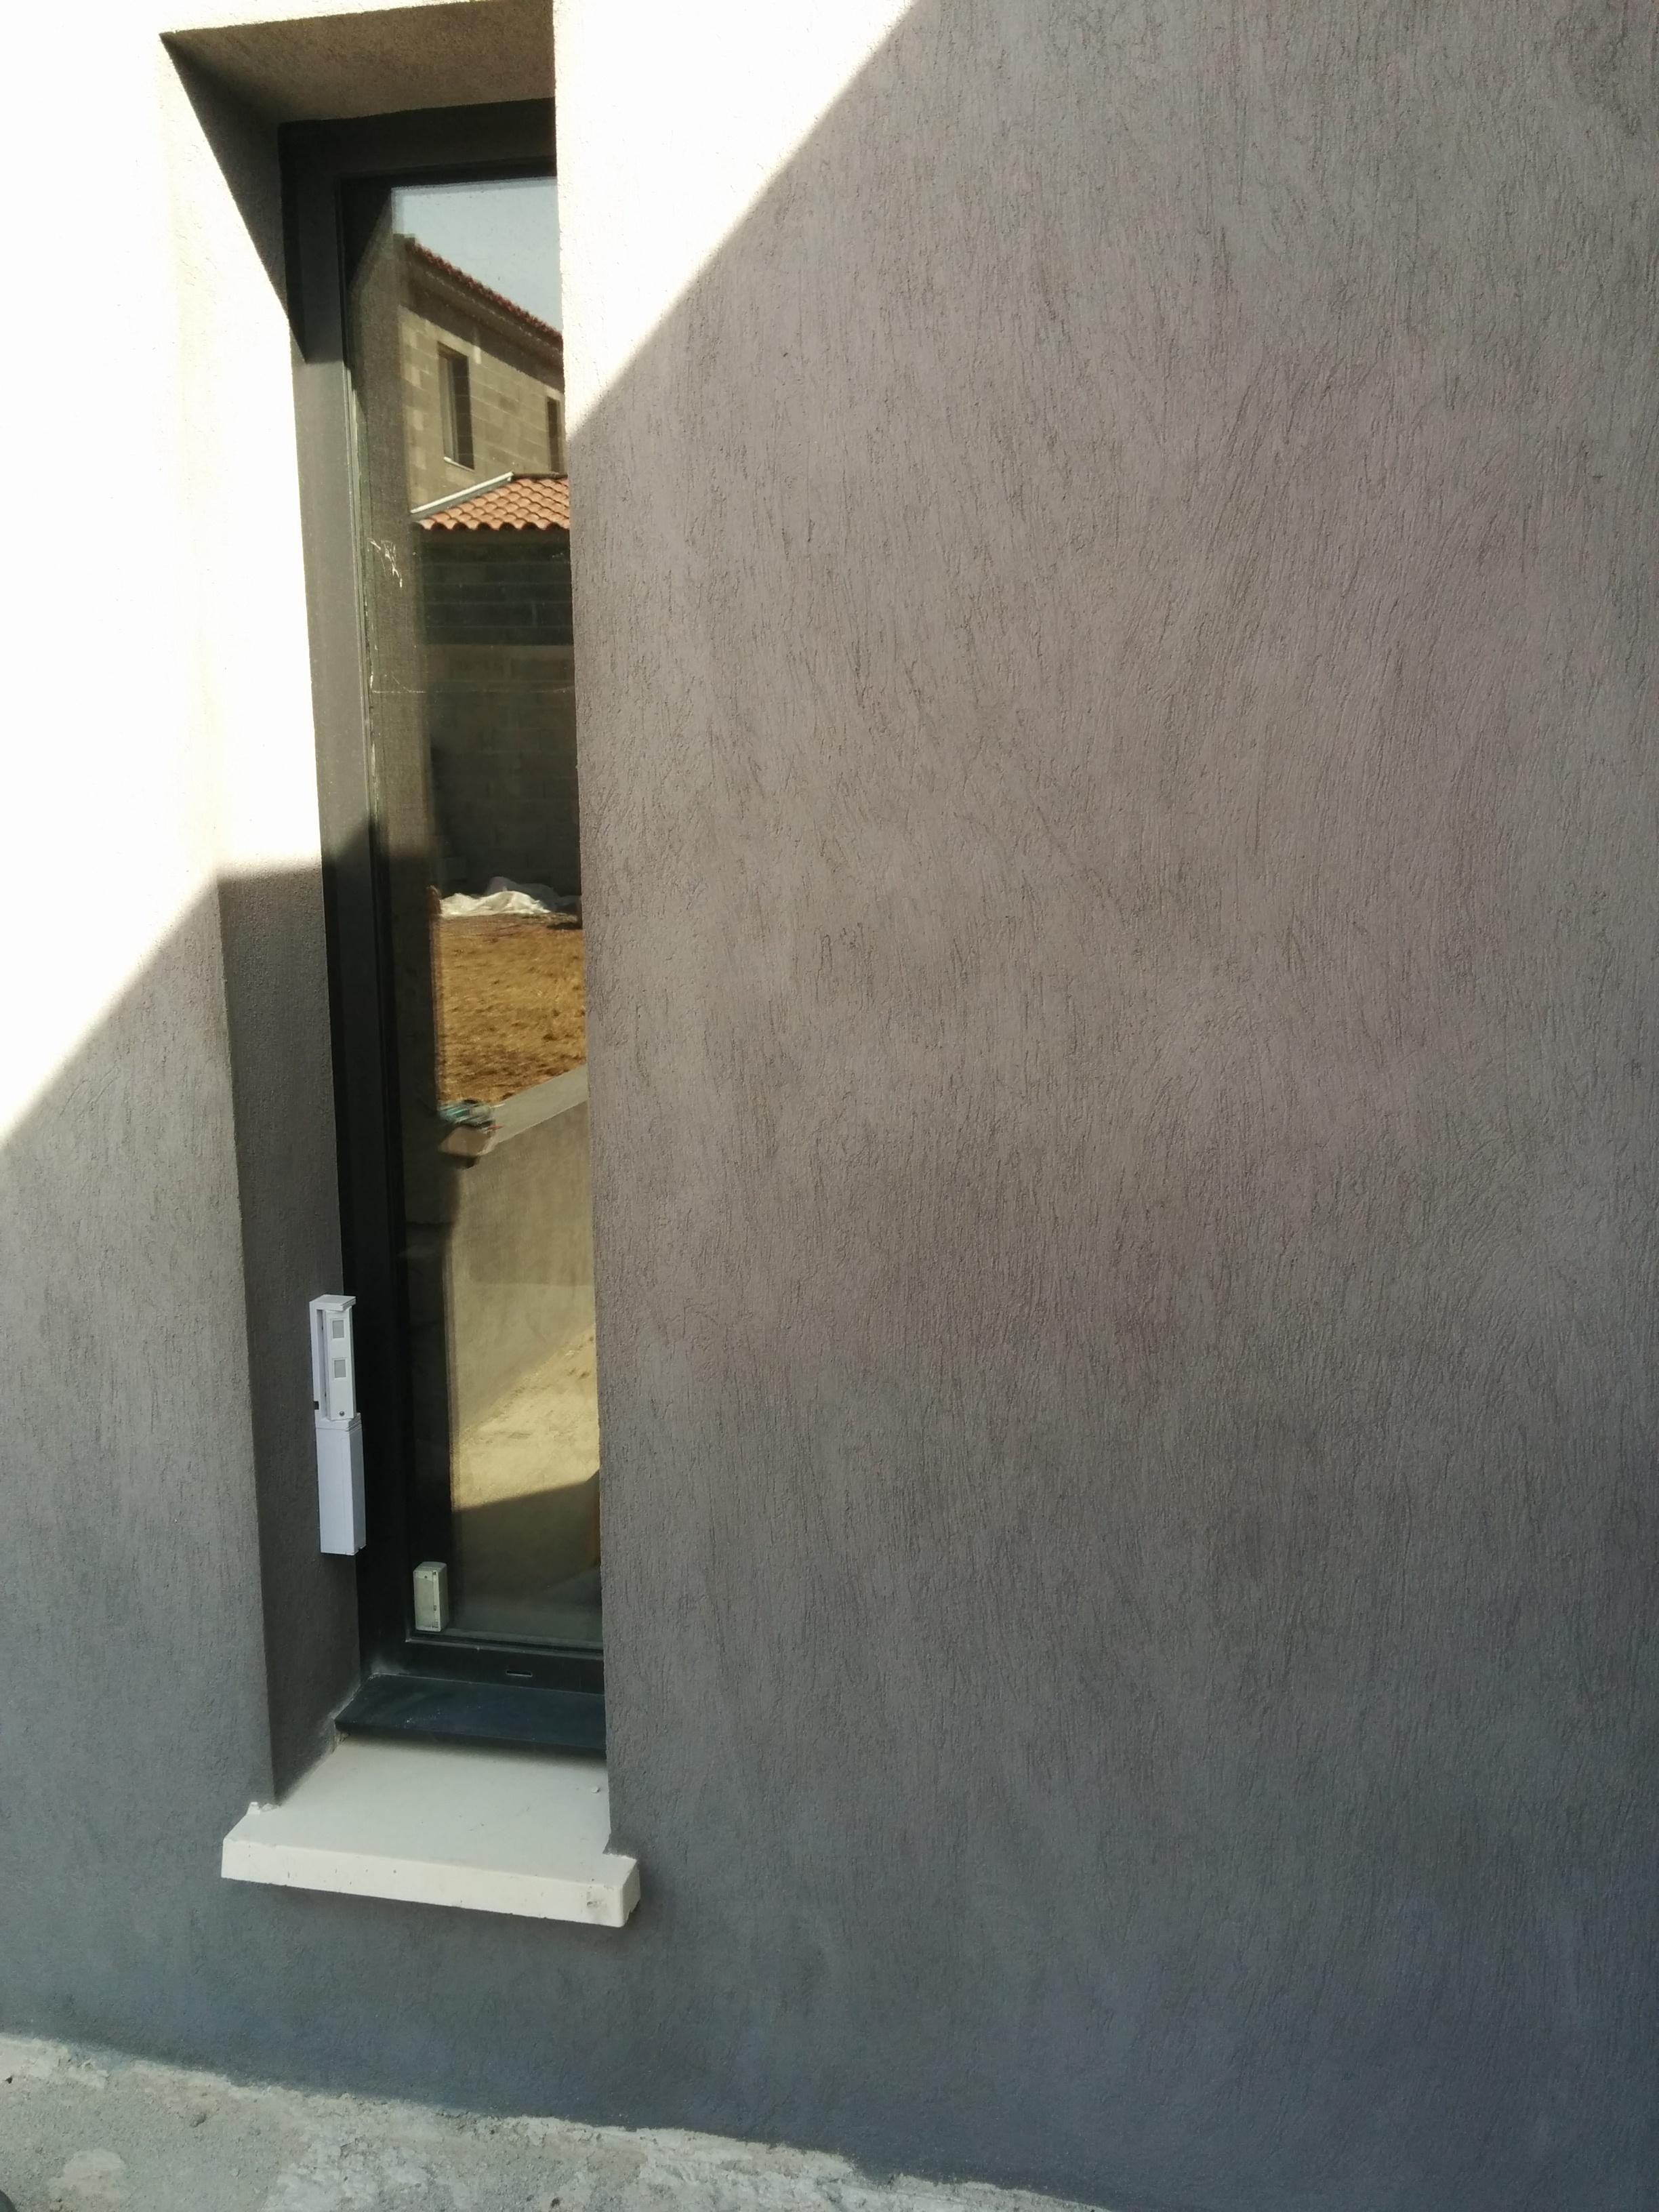 alarme ext rieure pour maison puyricard allauch aeg. Black Bedroom Furniture Sets. Home Design Ideas